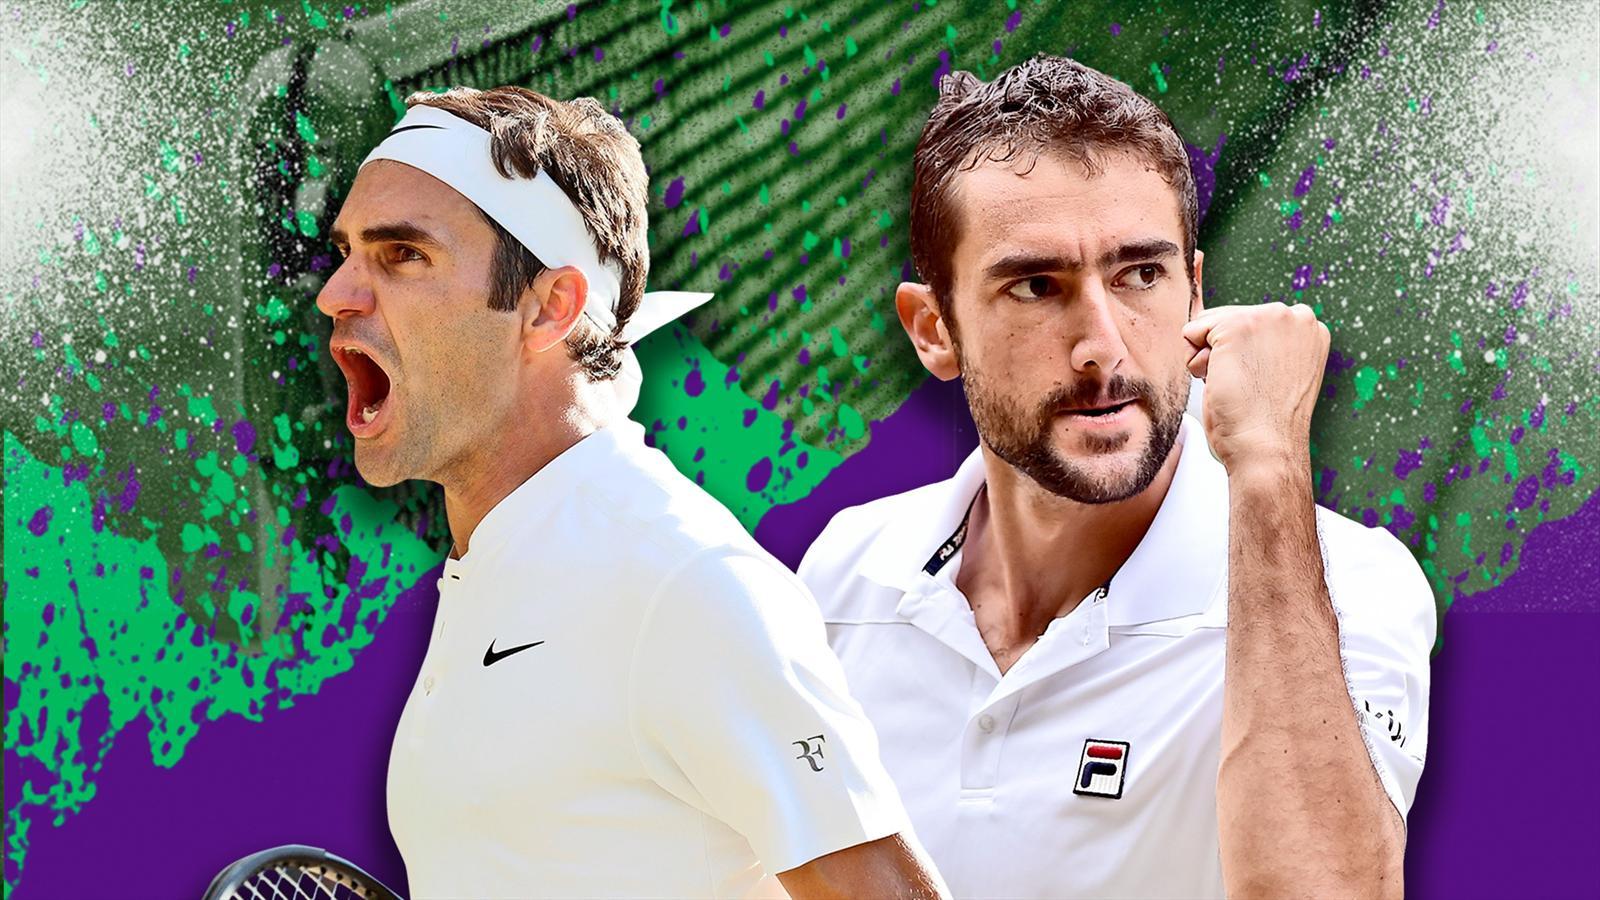 Finale messieurs - Federer veut redevenir le roi de Wimbledon, Cilic rêve d'en être le prince